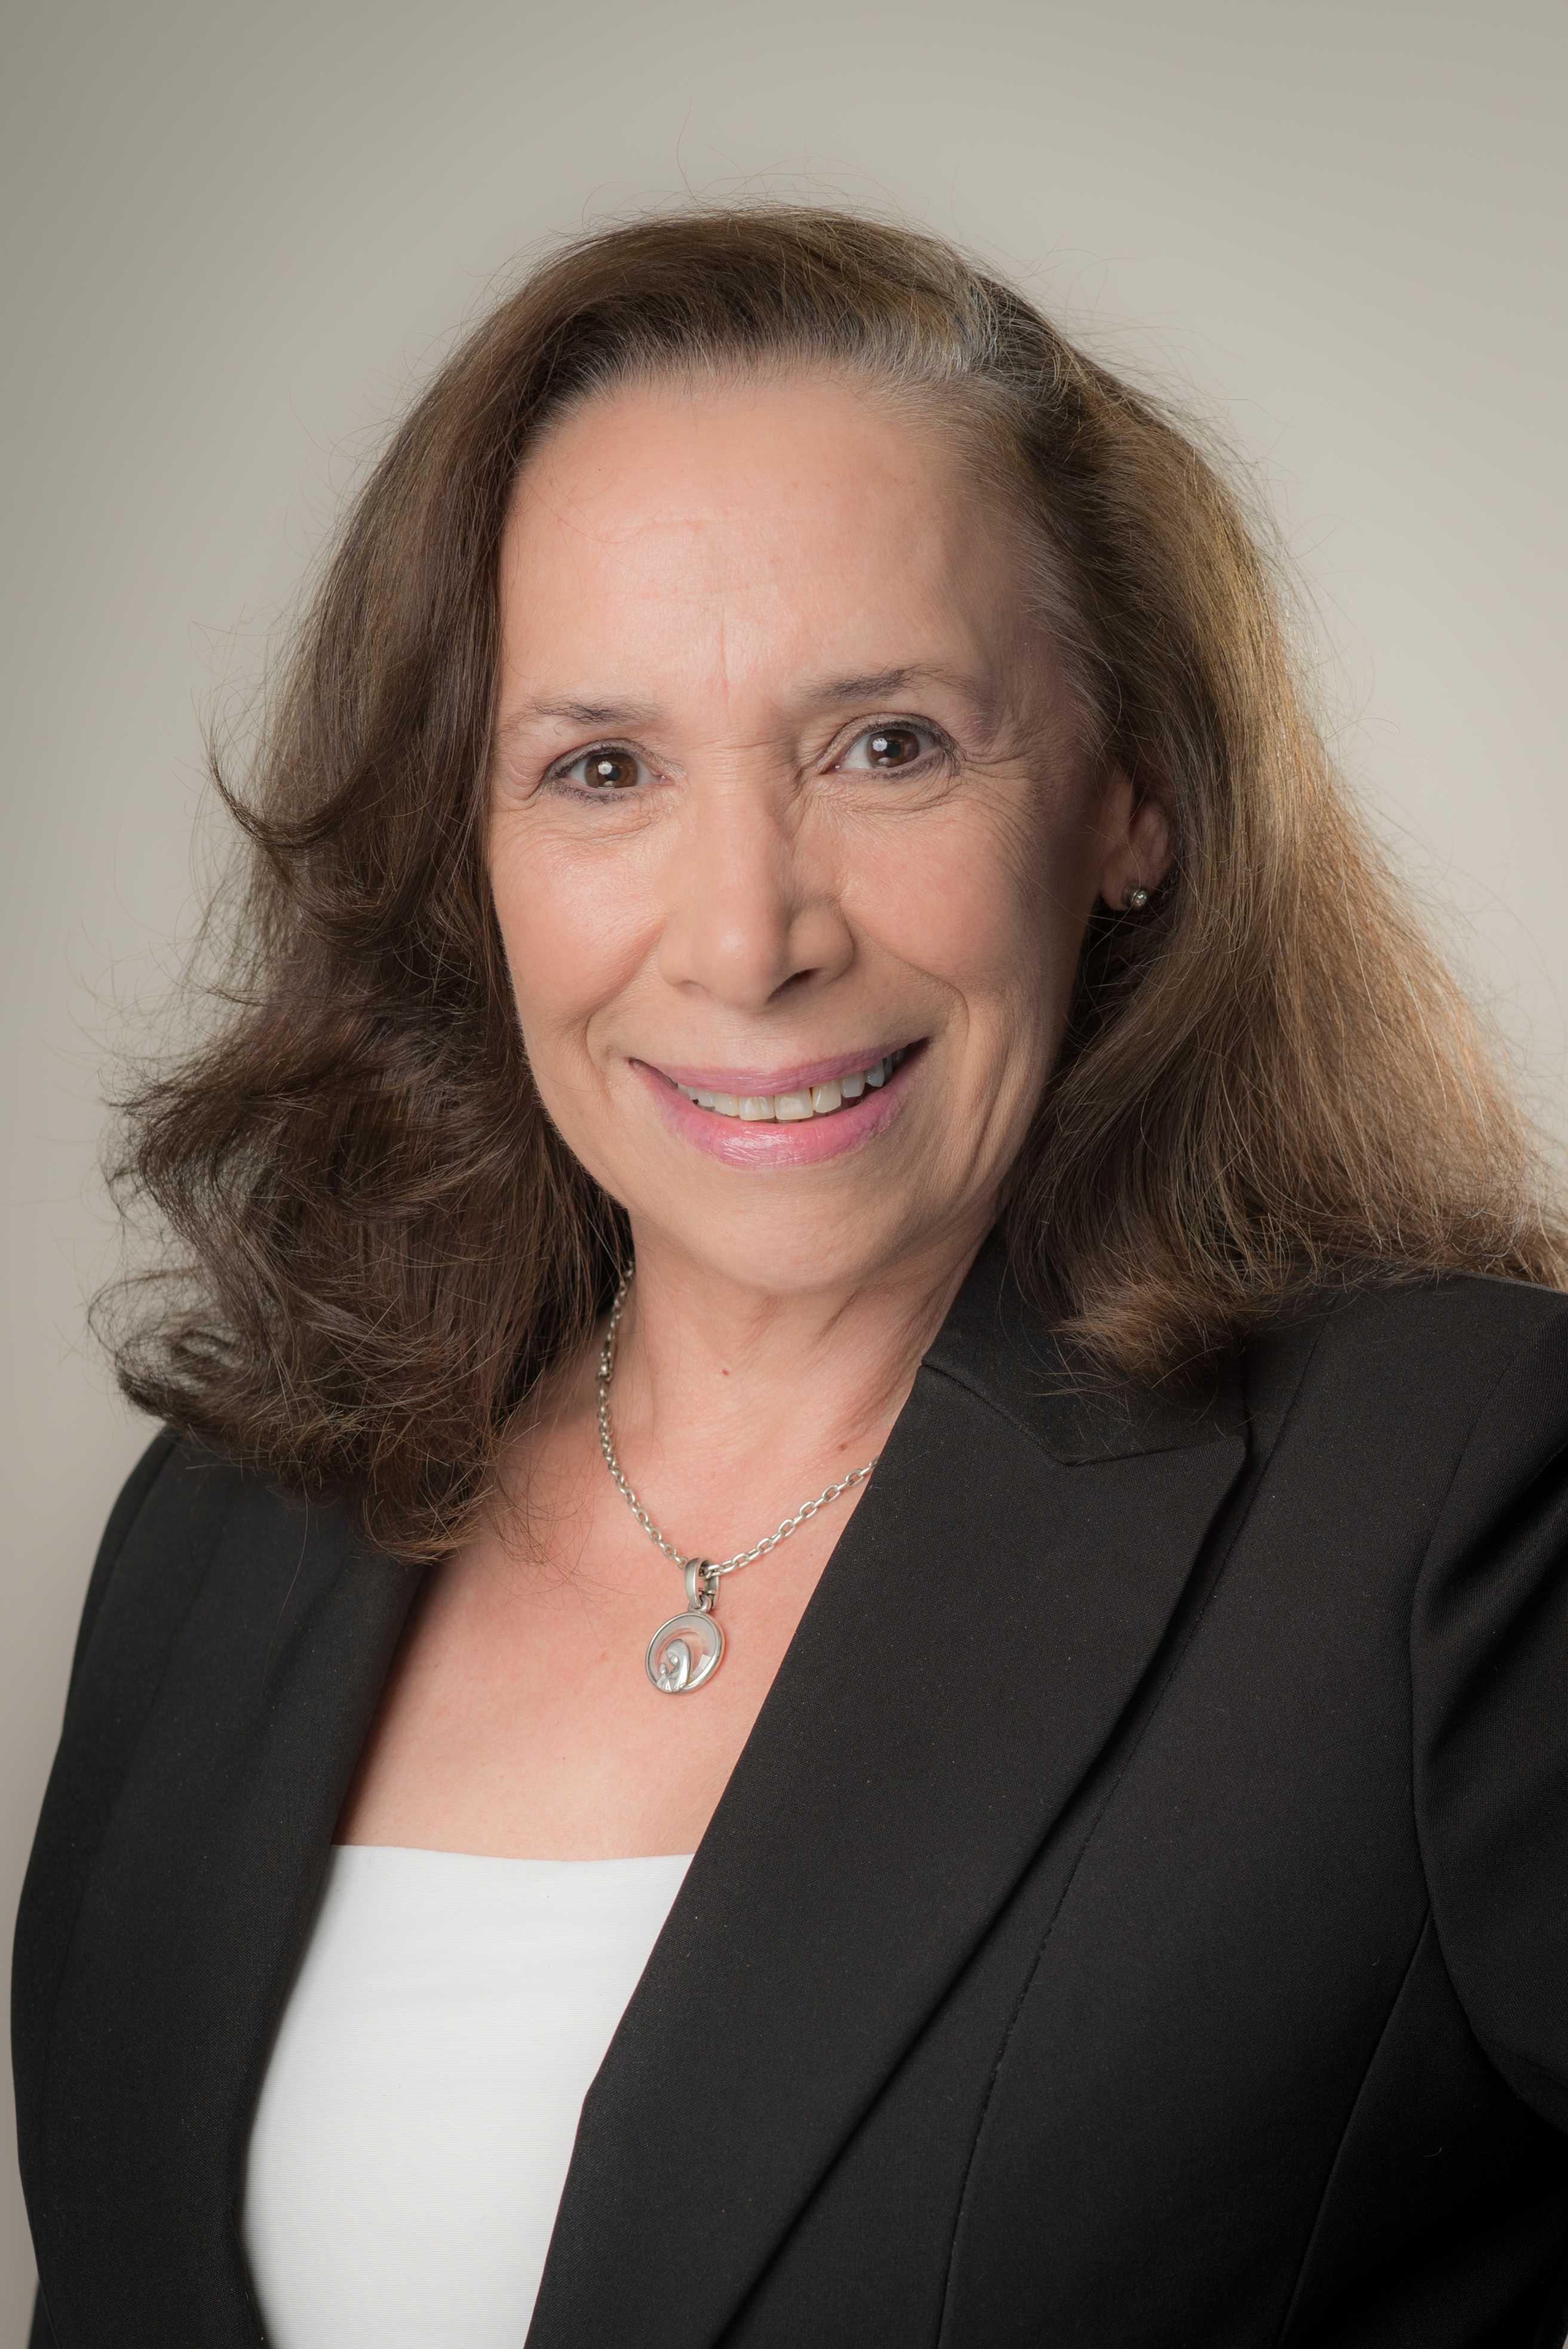 Ana Claudia Tessada